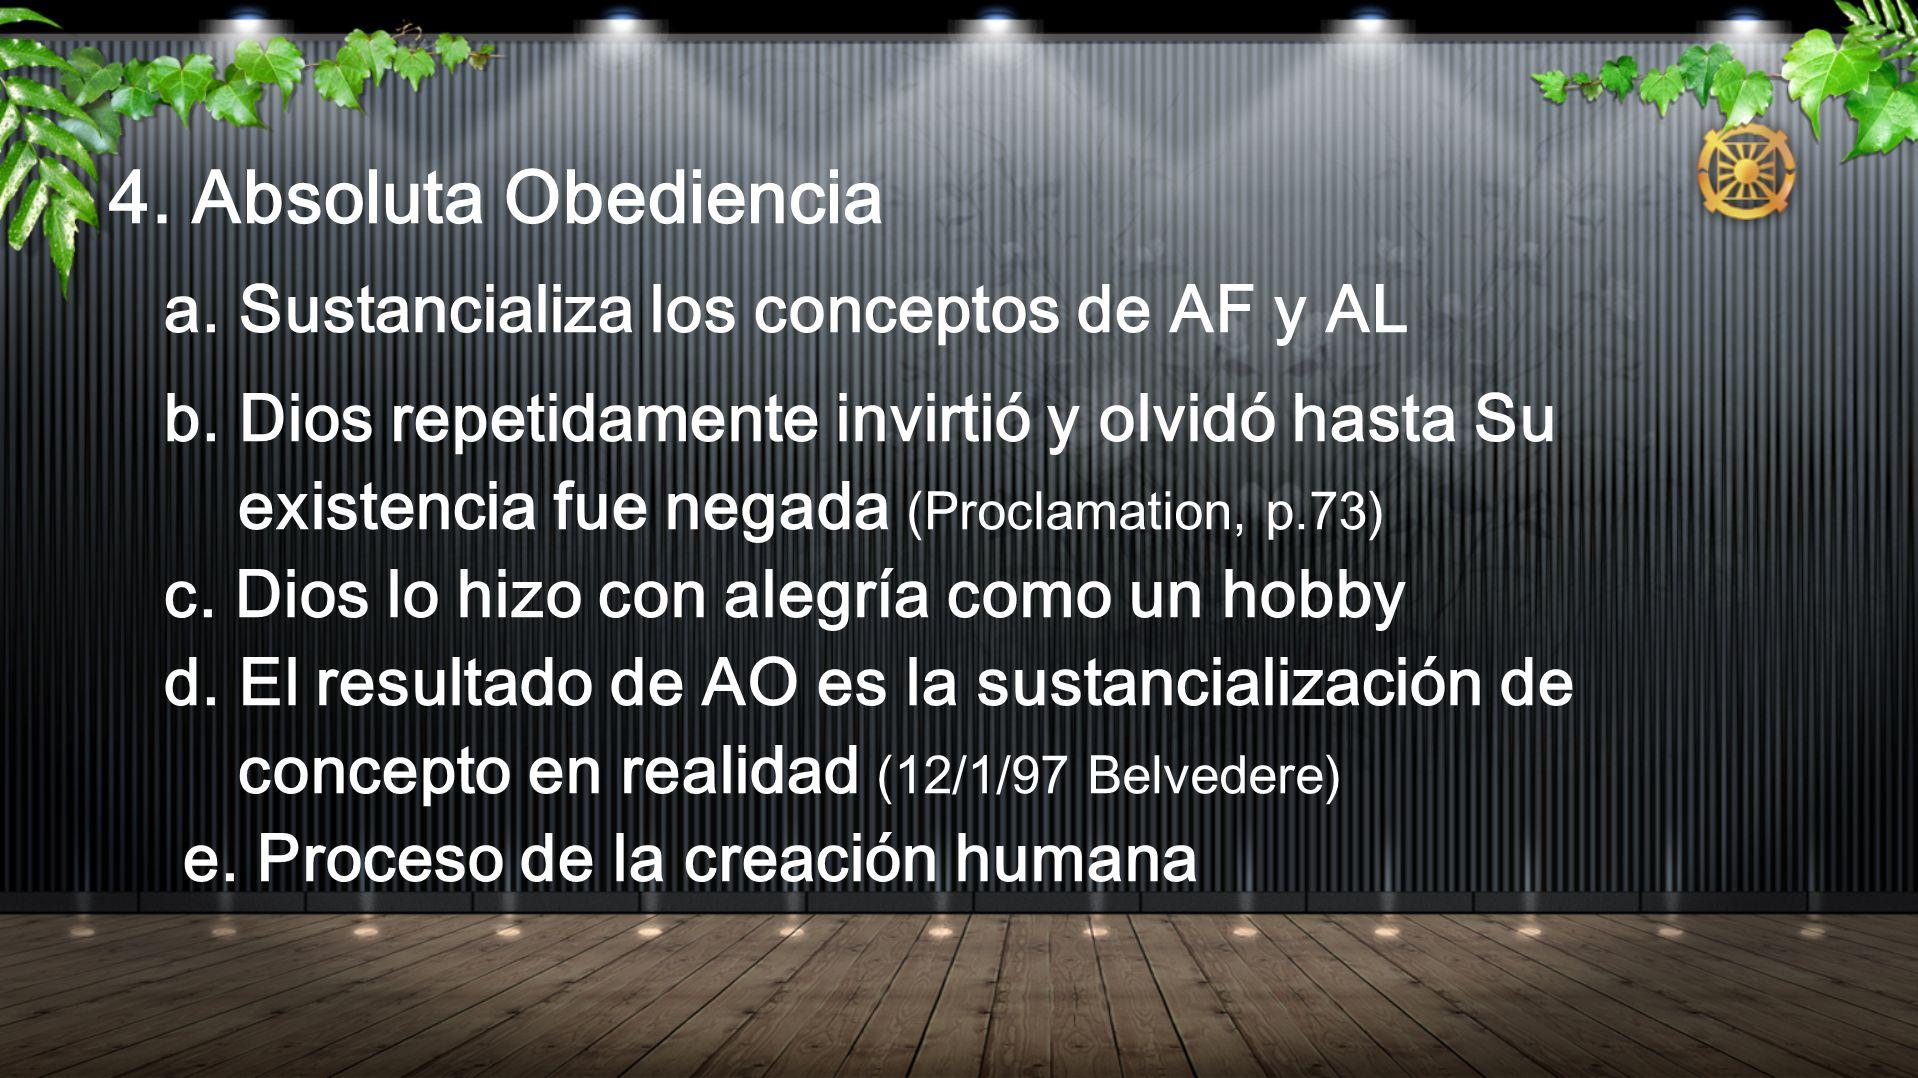 4. Absoluta Obediencia a. Sustancializa los conceptos de AF y AL b. Dios repetidamente invirtió y olvidó hasta Su existencia fue negada (Proclamation,